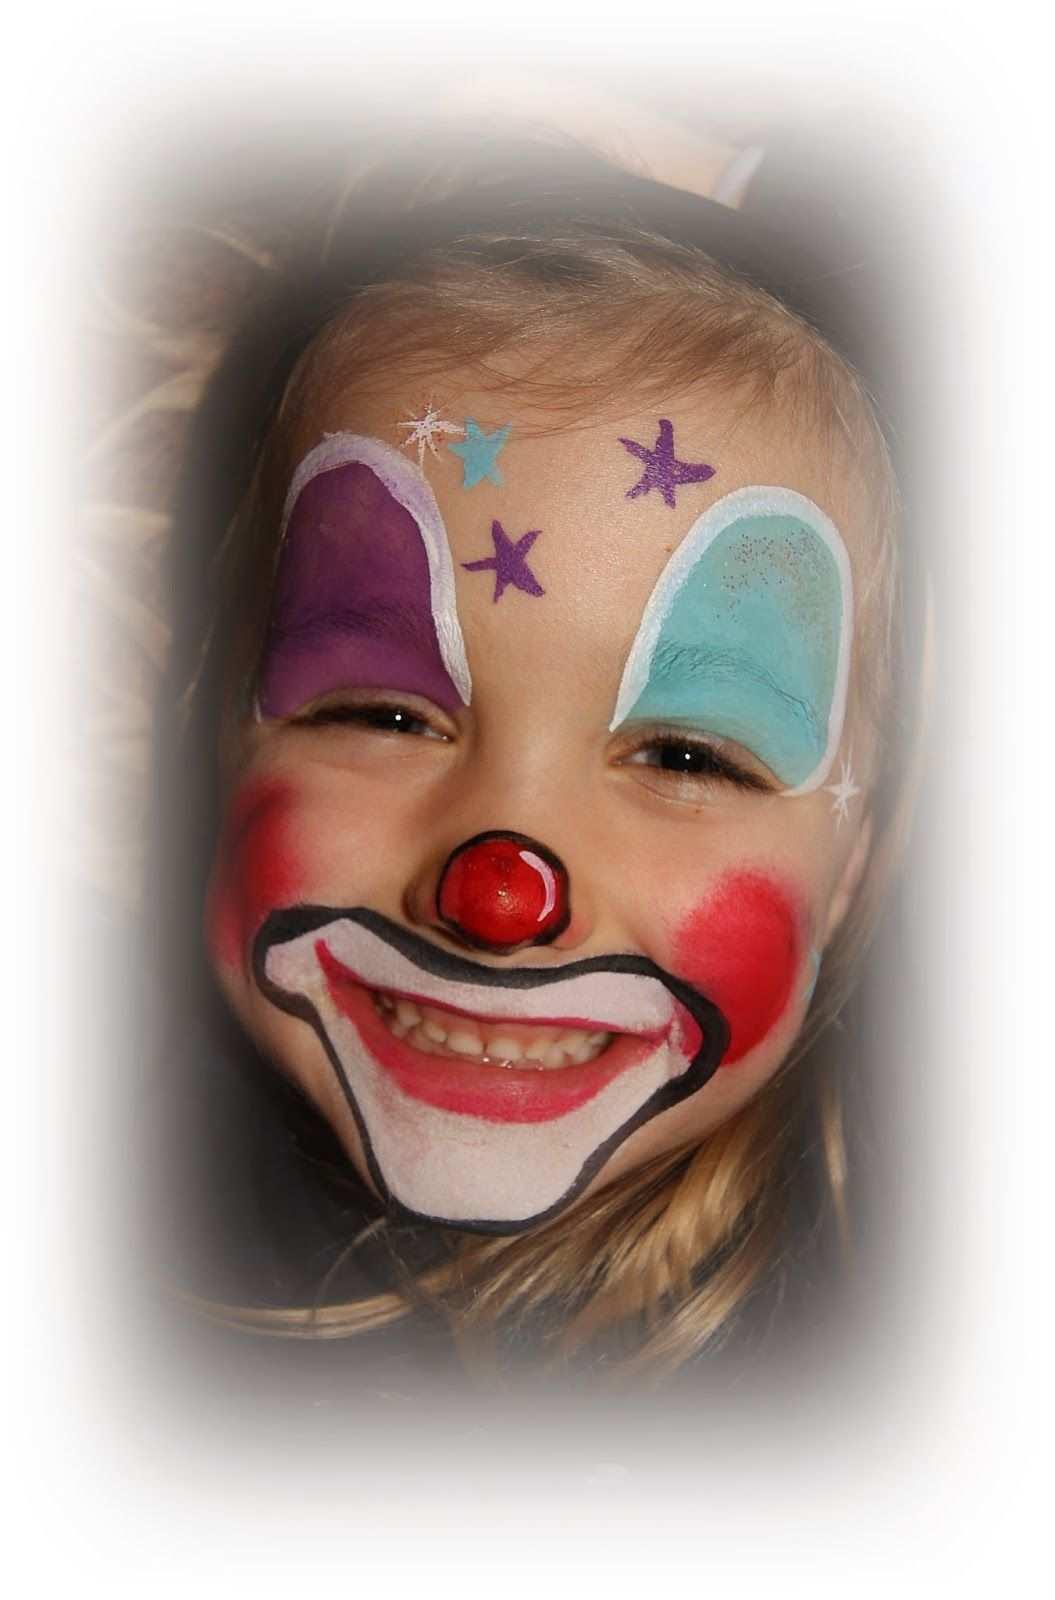 Verpluscht Und Zugenaht Kinder Schminken Kinderschminken Clown Schminken Kind